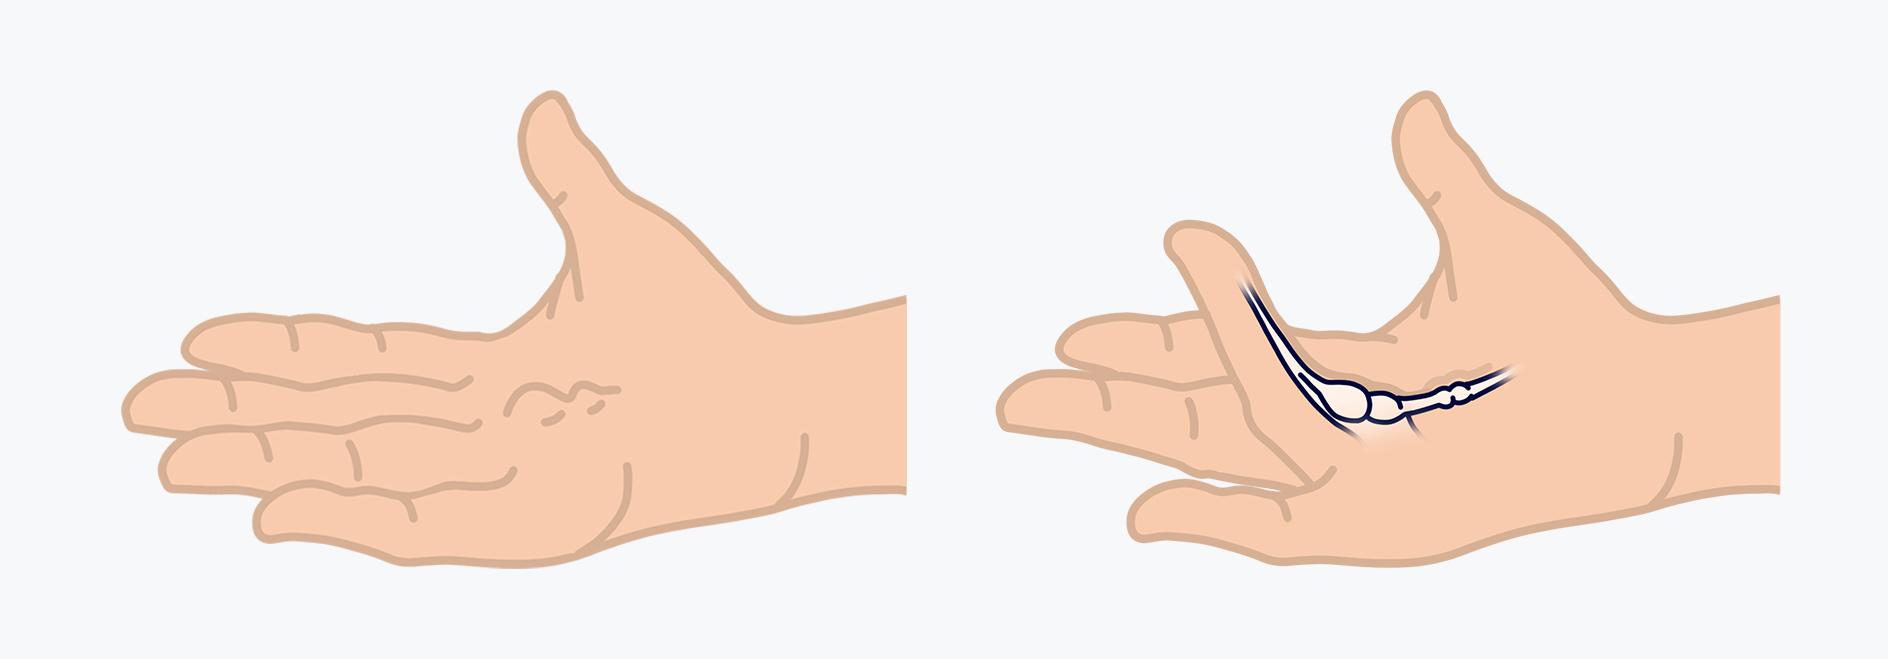 Anfangs bilden sich Knoten in der Handfläche, mit der Zeit entwickelt sich ein Kollagenstrang